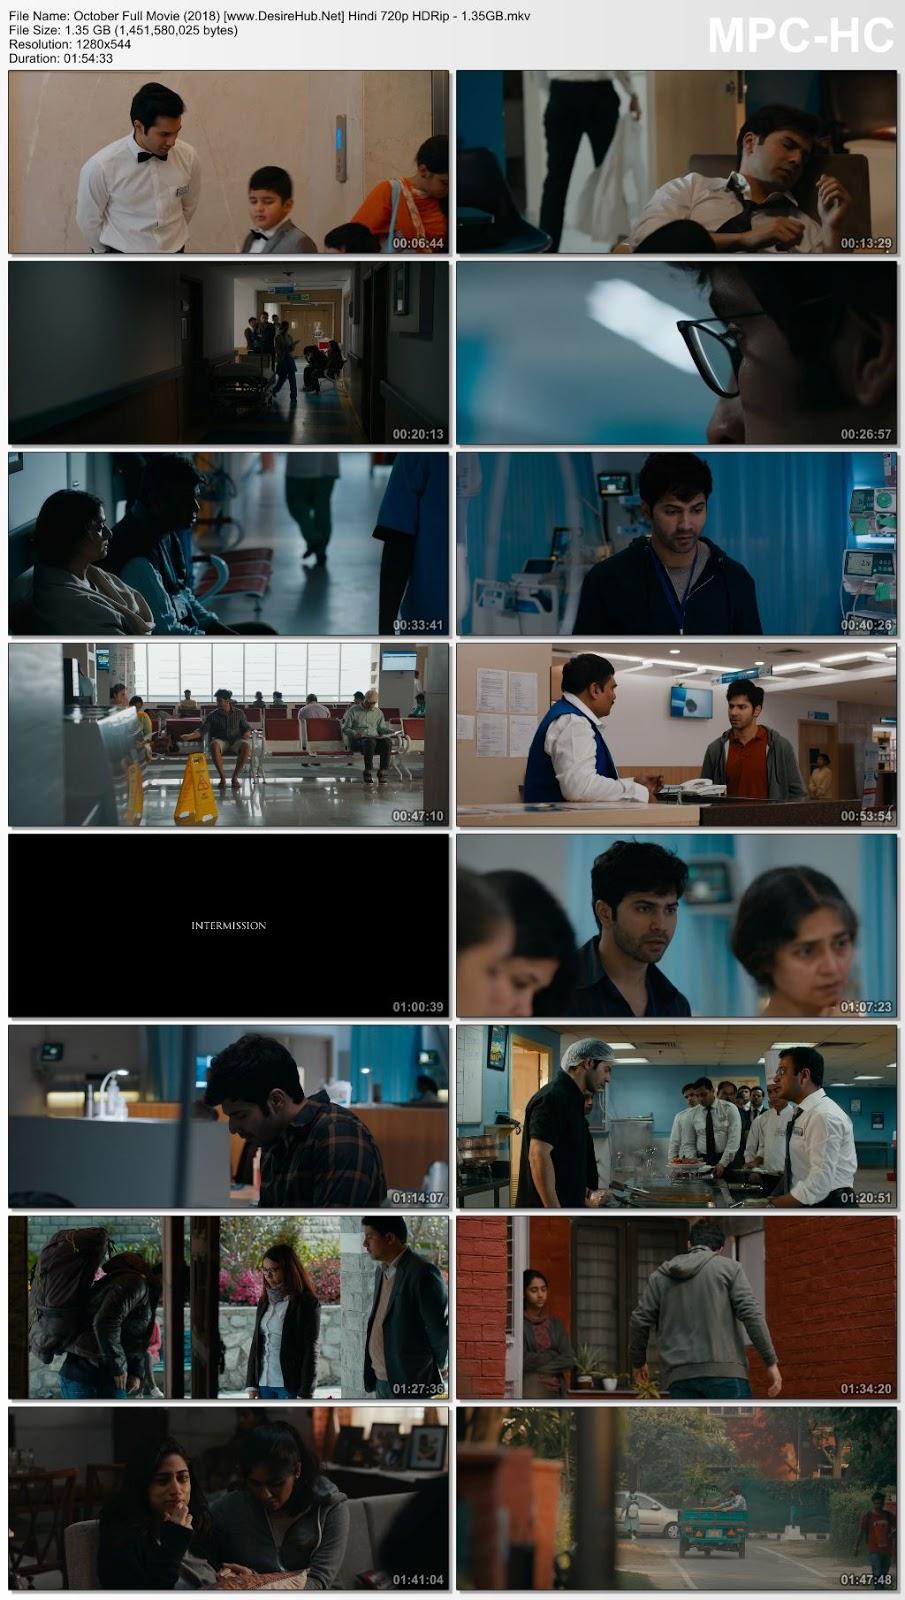 October (2018) Hindi 720p HDRip – 1.35GB Desirehub